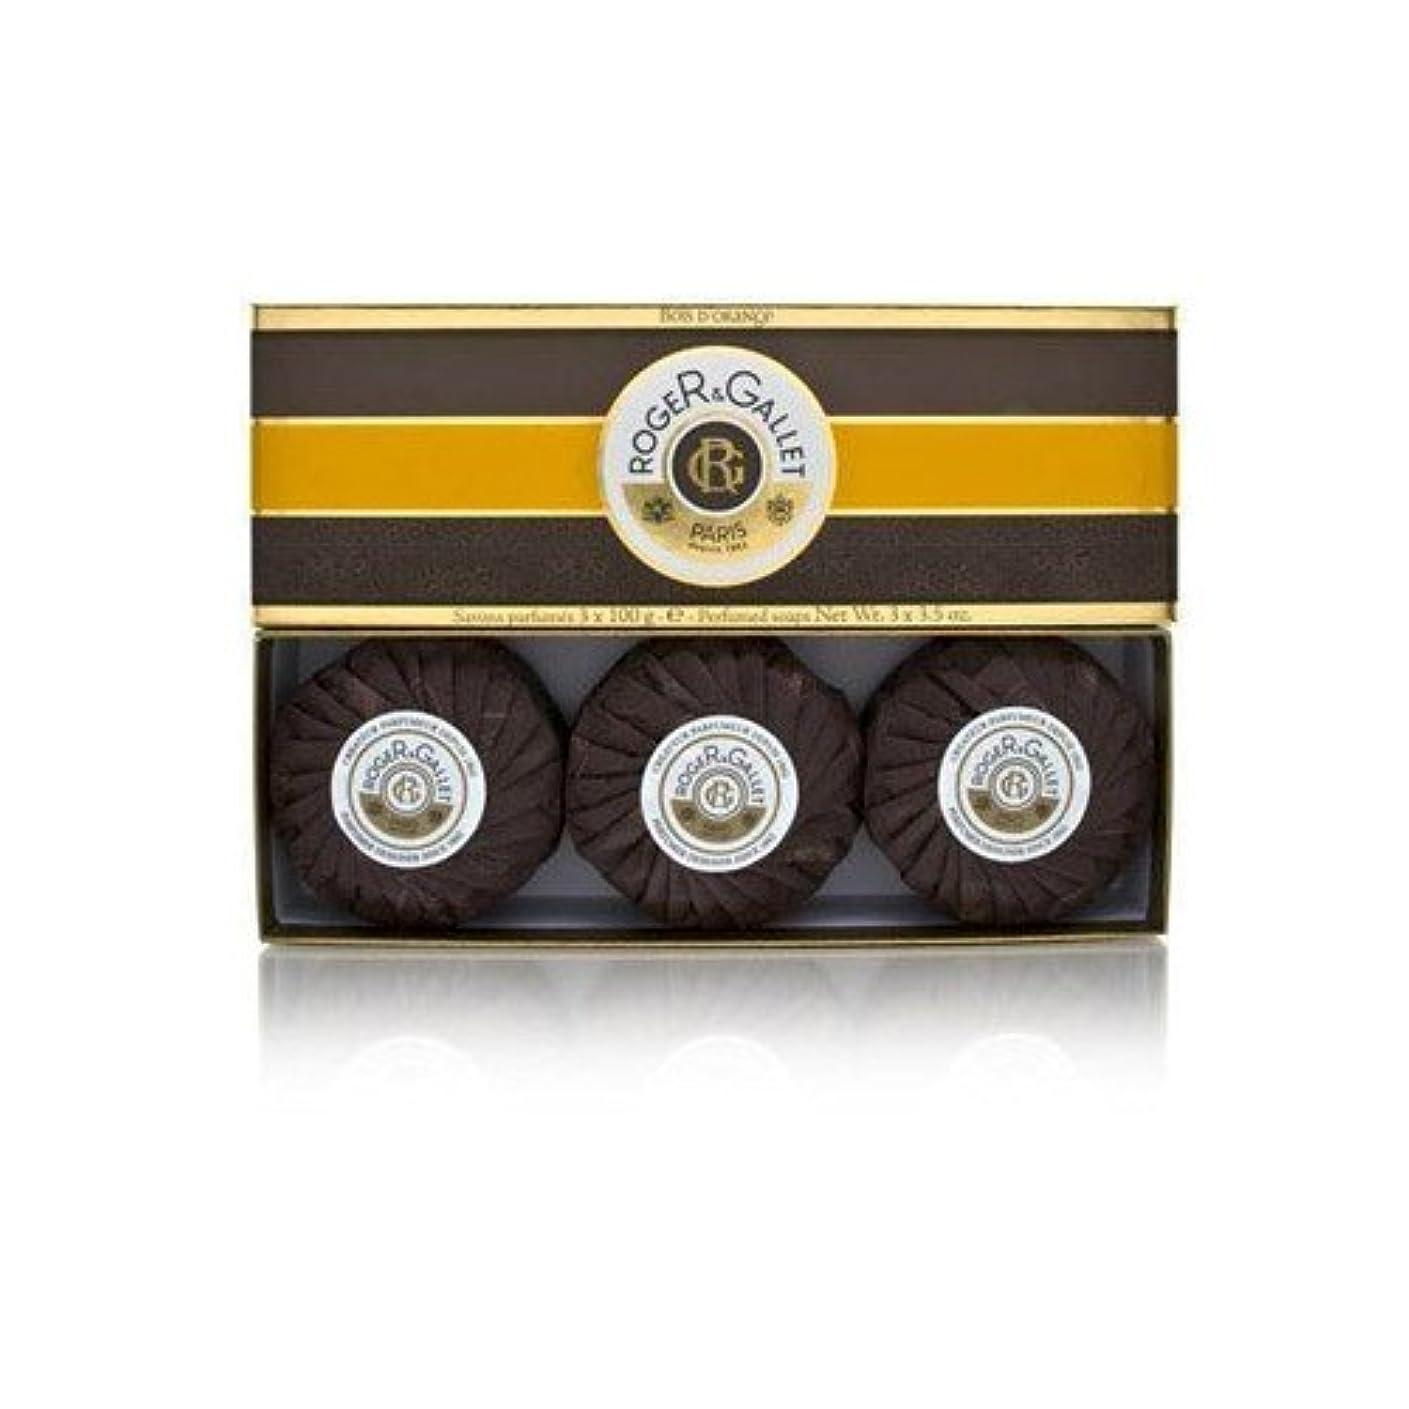 羊葡萄恥ロジェガレ ボワ ドランジュ (オレンジツリー) 香水石鹸3個セット ROGER&GALLET BOIS D'ORANGE PERFUMED SOAP [0161]